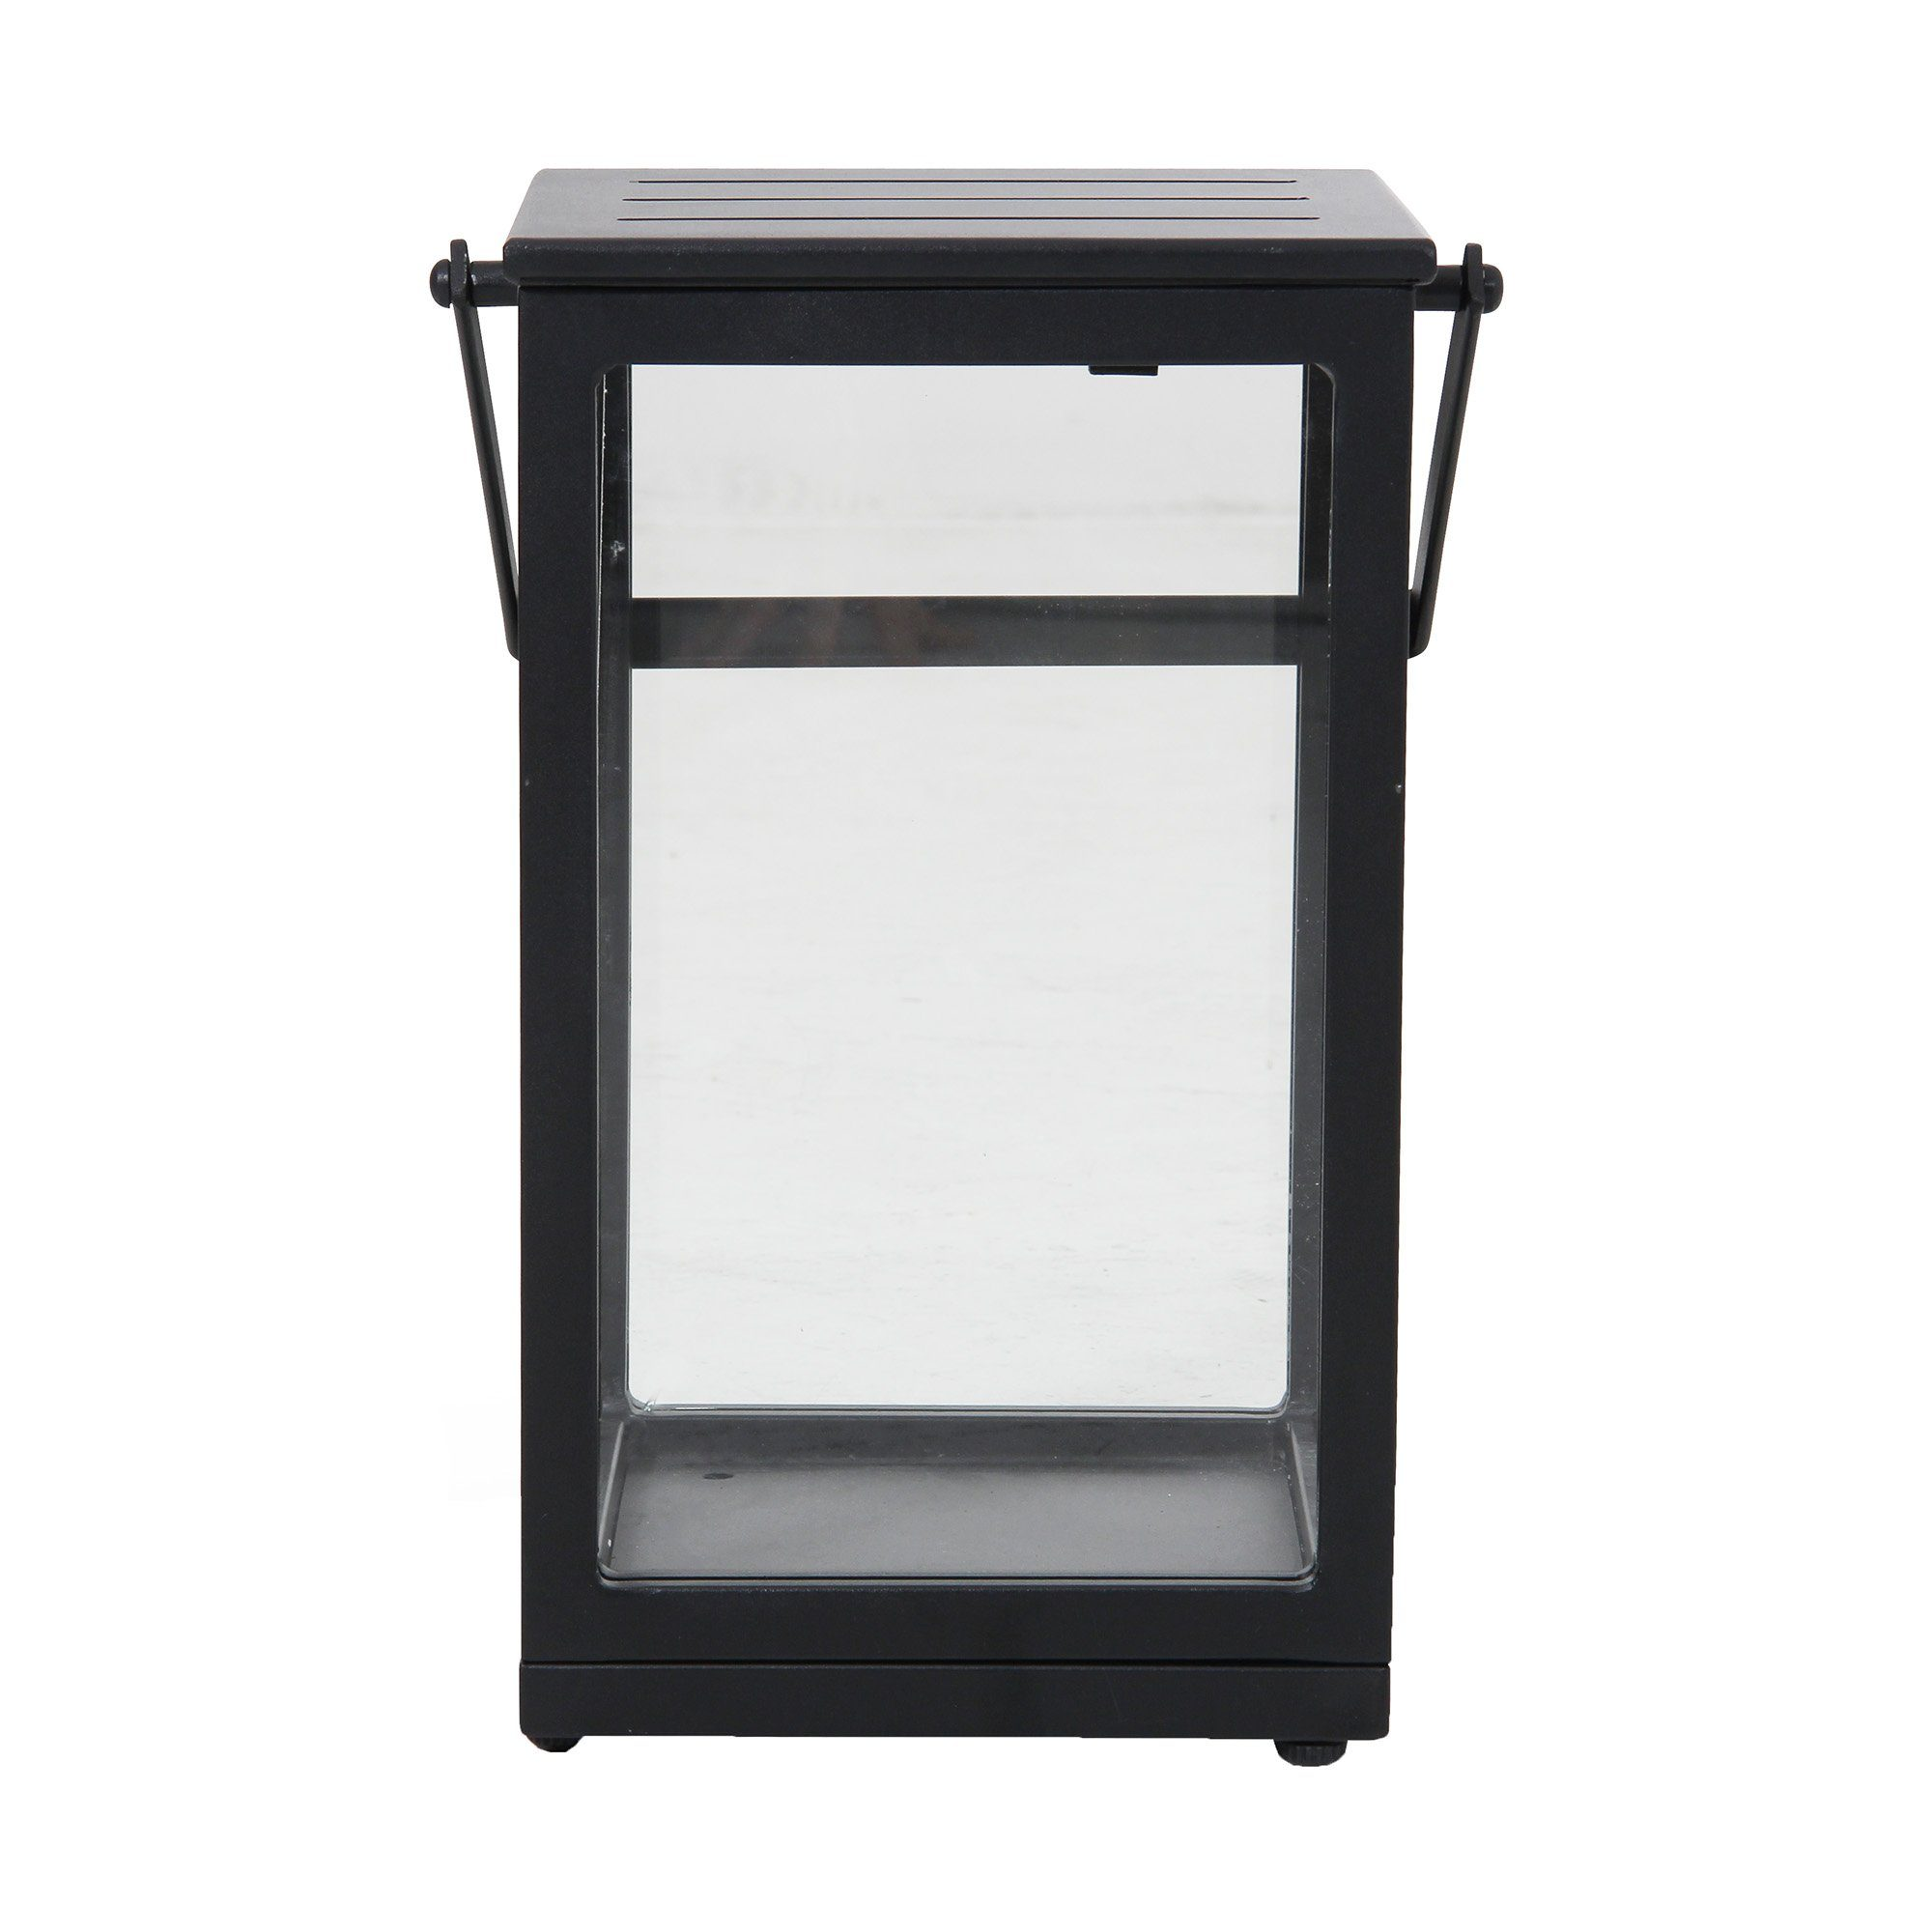 Belfort ljuslykta i svart aluminium med sidor i glas.